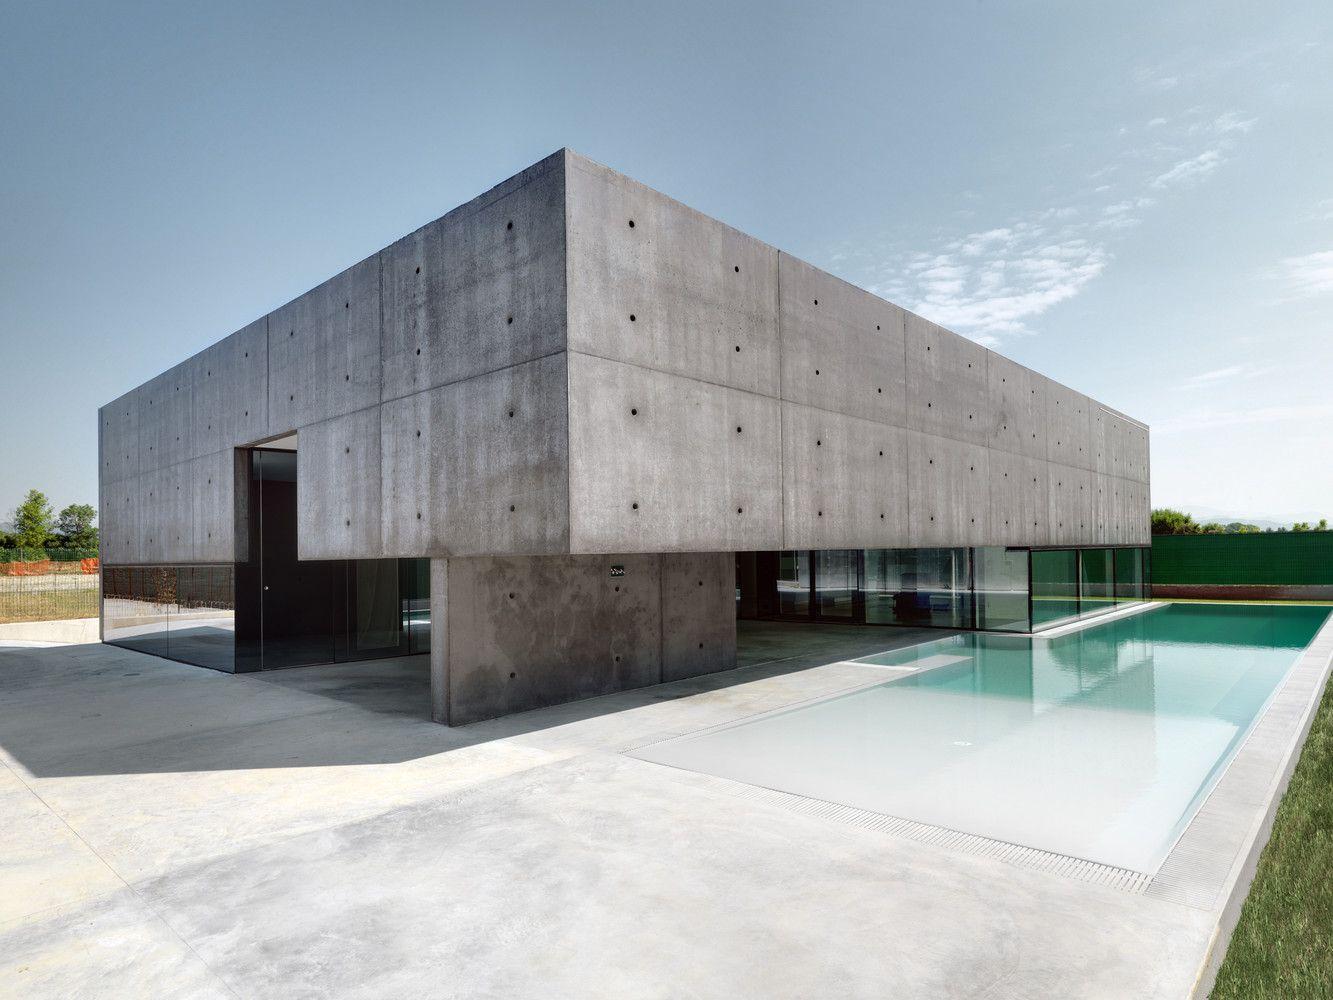 Galería de Abitazione Privata Urgnano / Matteo Casari Architetti - 1